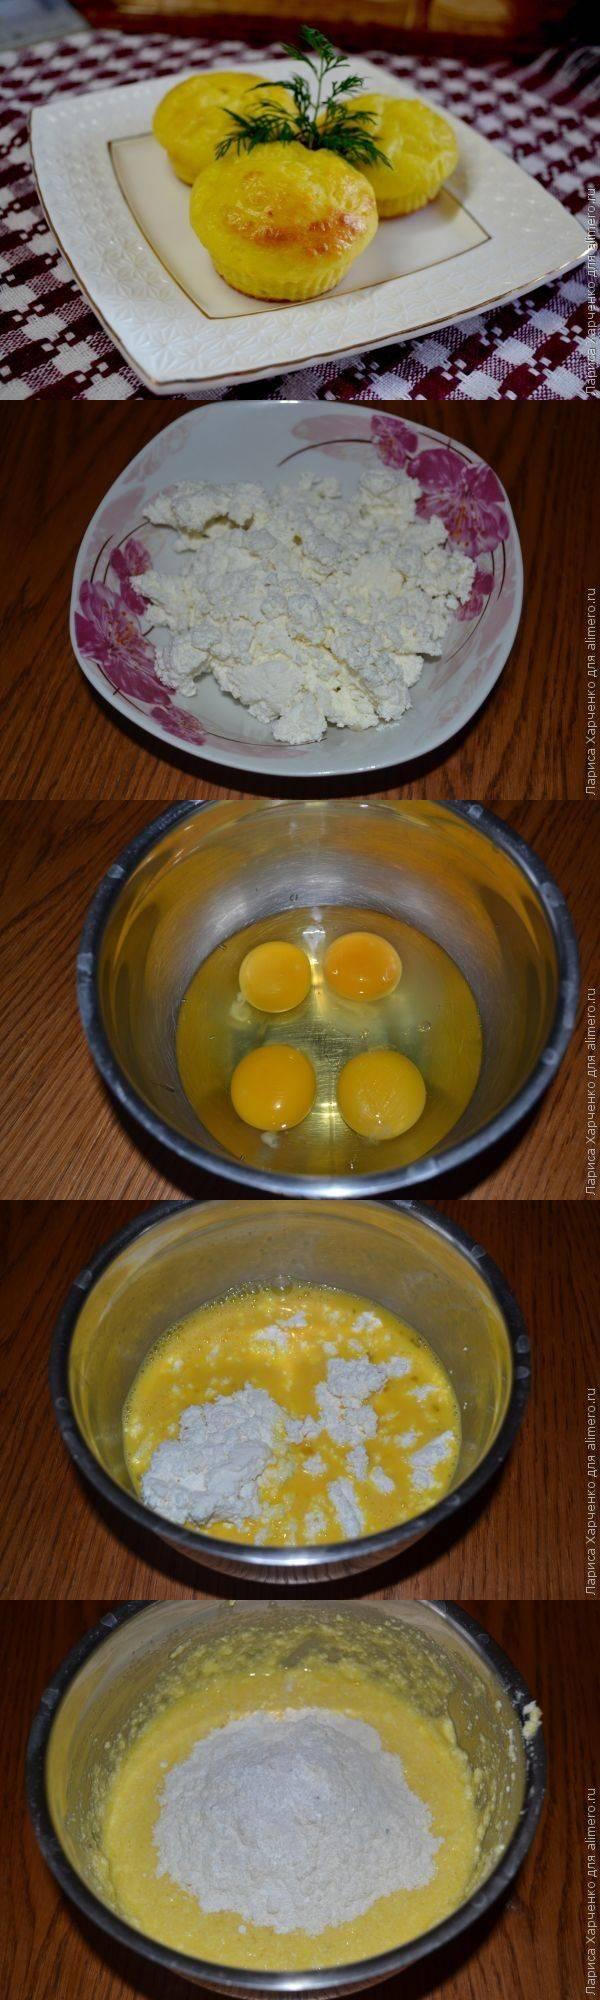 Закусочные творожные кексы